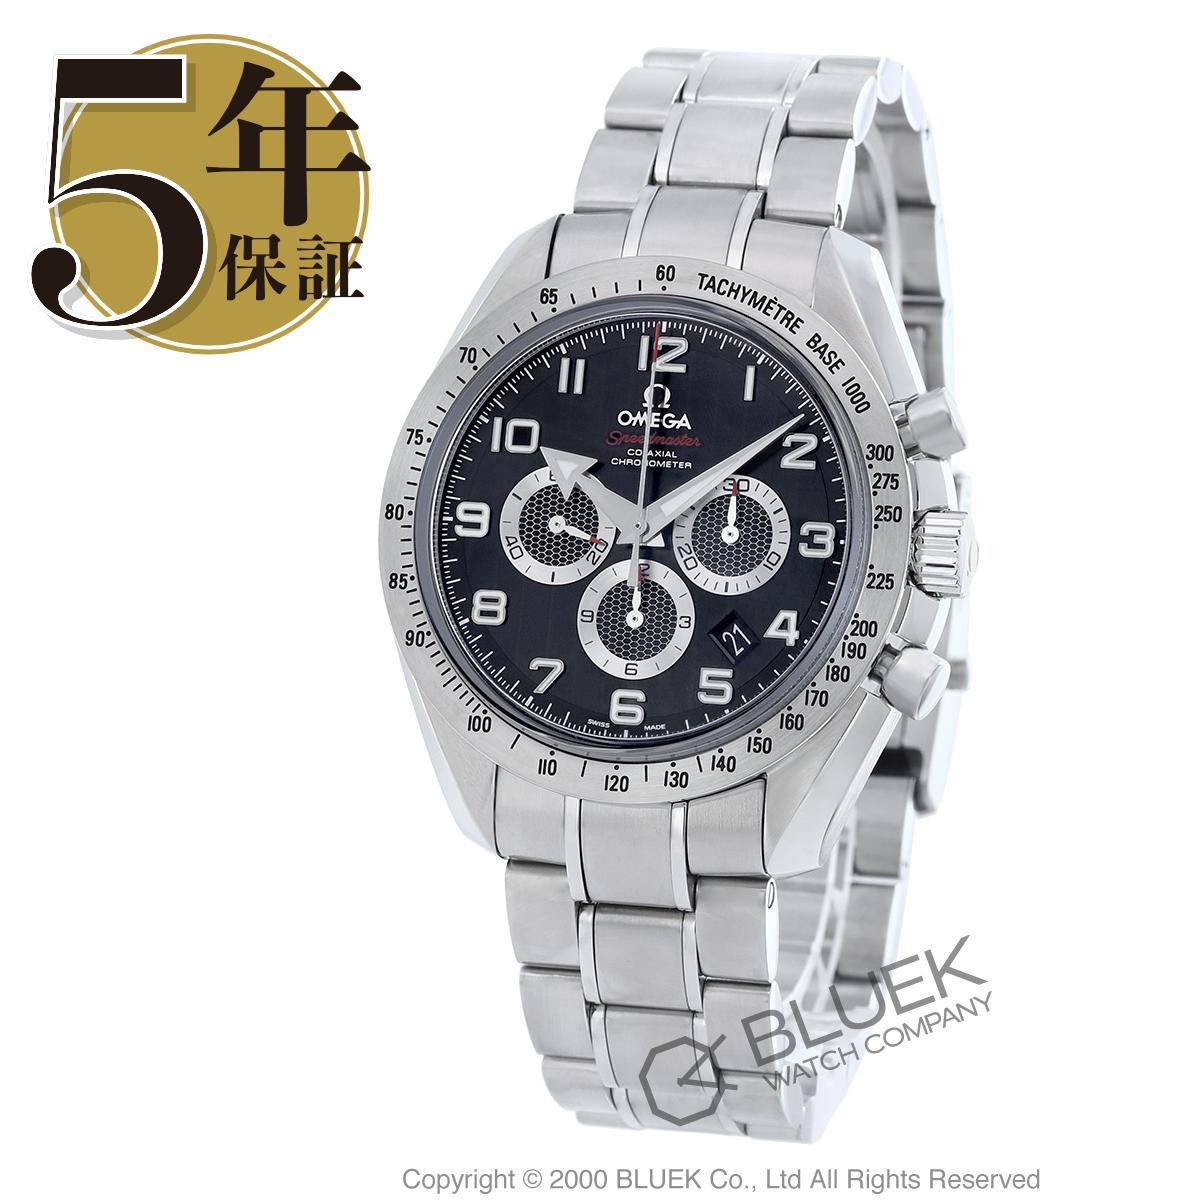 オメガ スピードマスター ブロードアロー クロノグラフ 腕時計 メンズ OMEGA 321.10.44.50.01.001_5